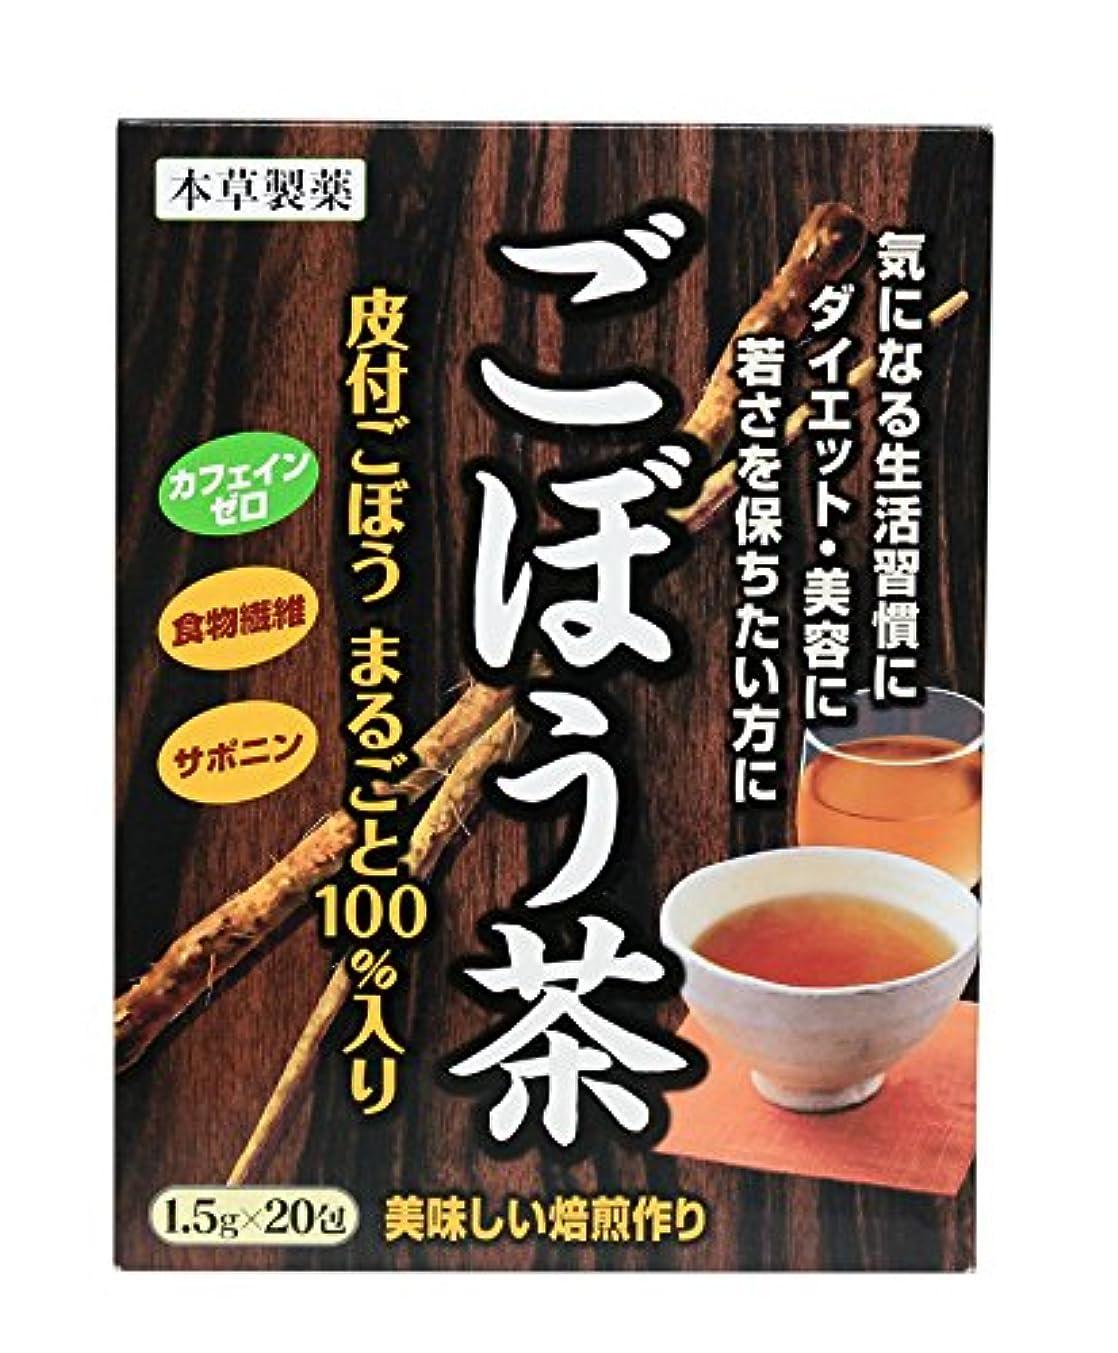 梨ちらつき勇気のある本草 ごぼう茶